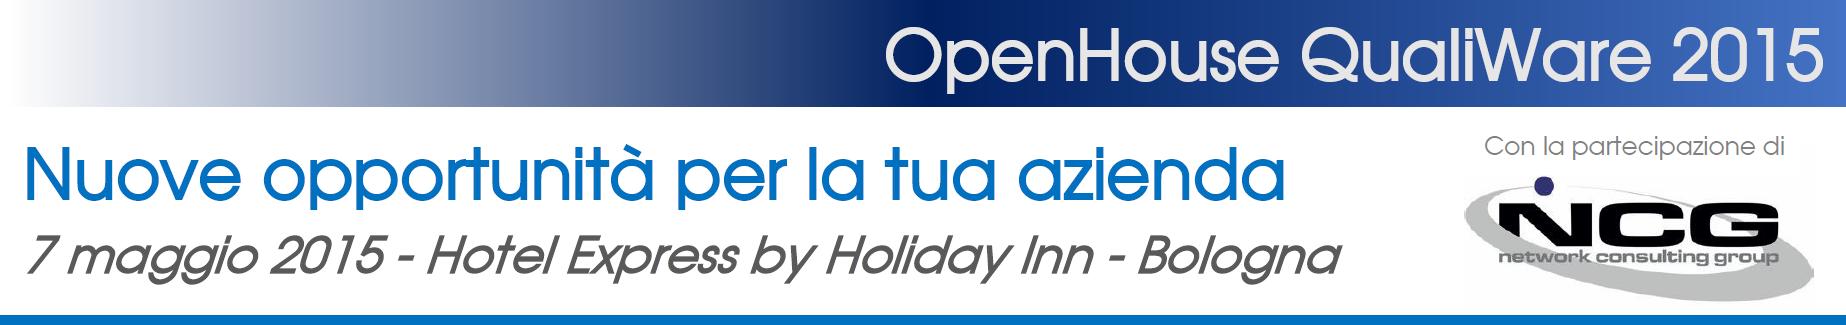 OpenHouse_2015_header